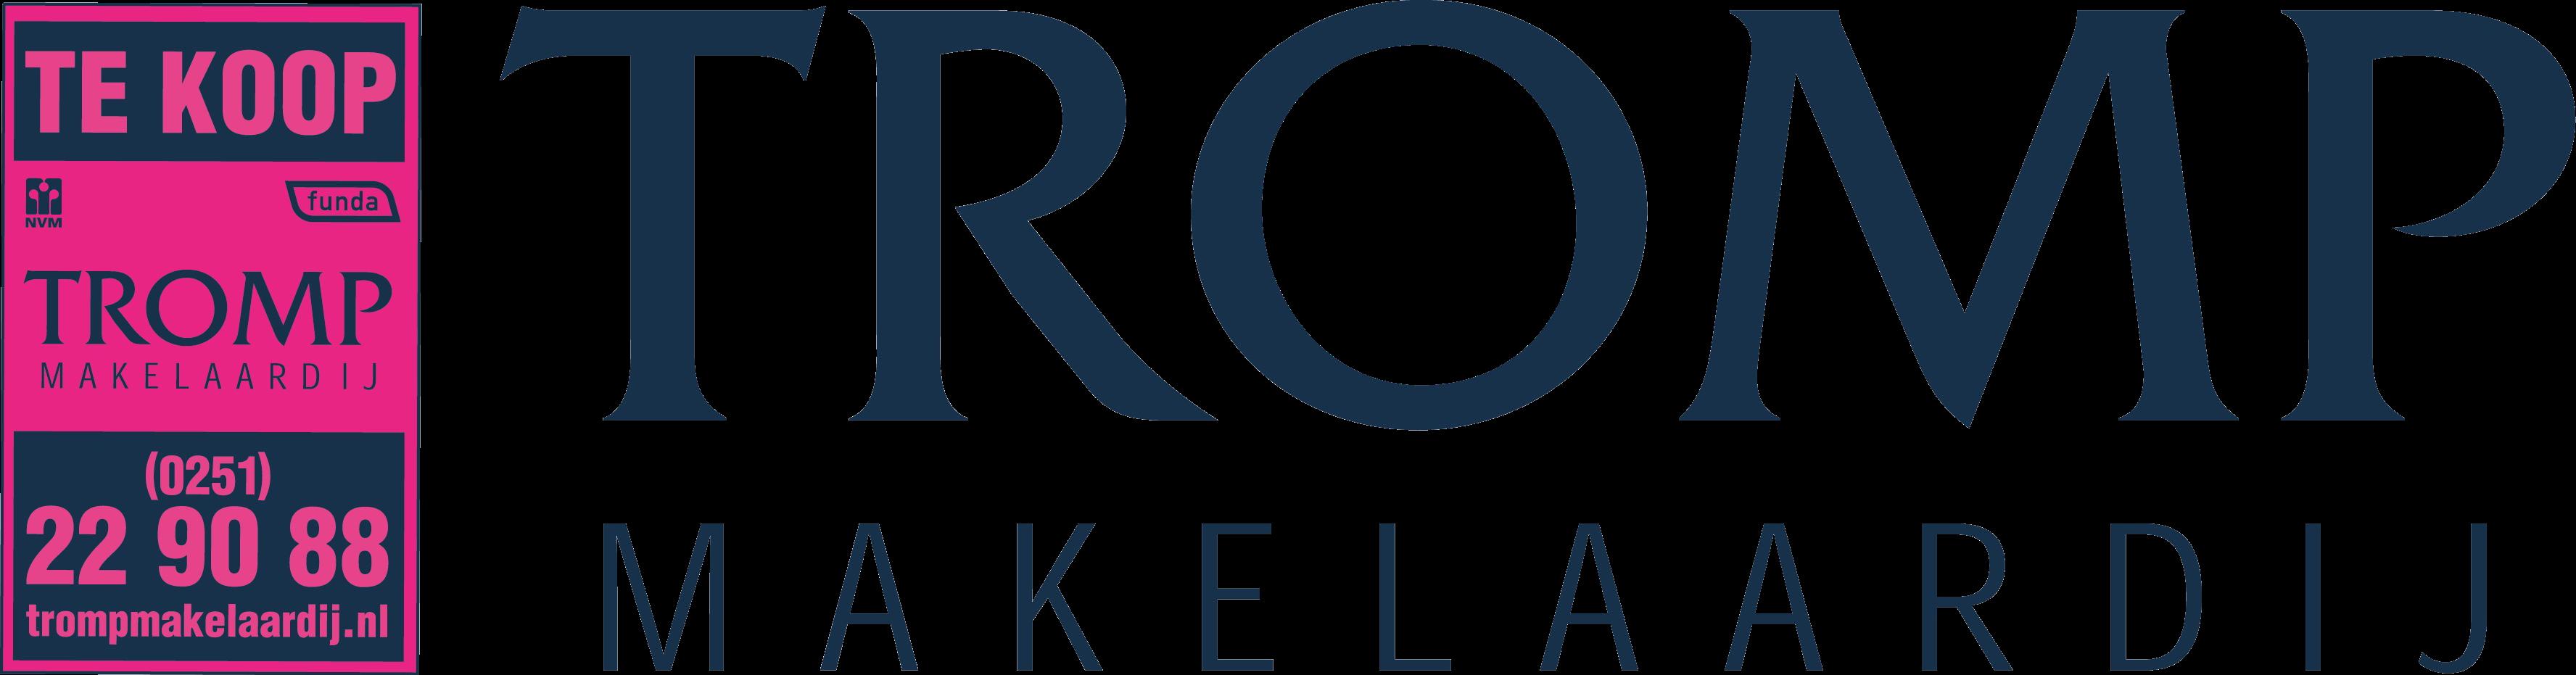 Logo Tromp Makelaardij